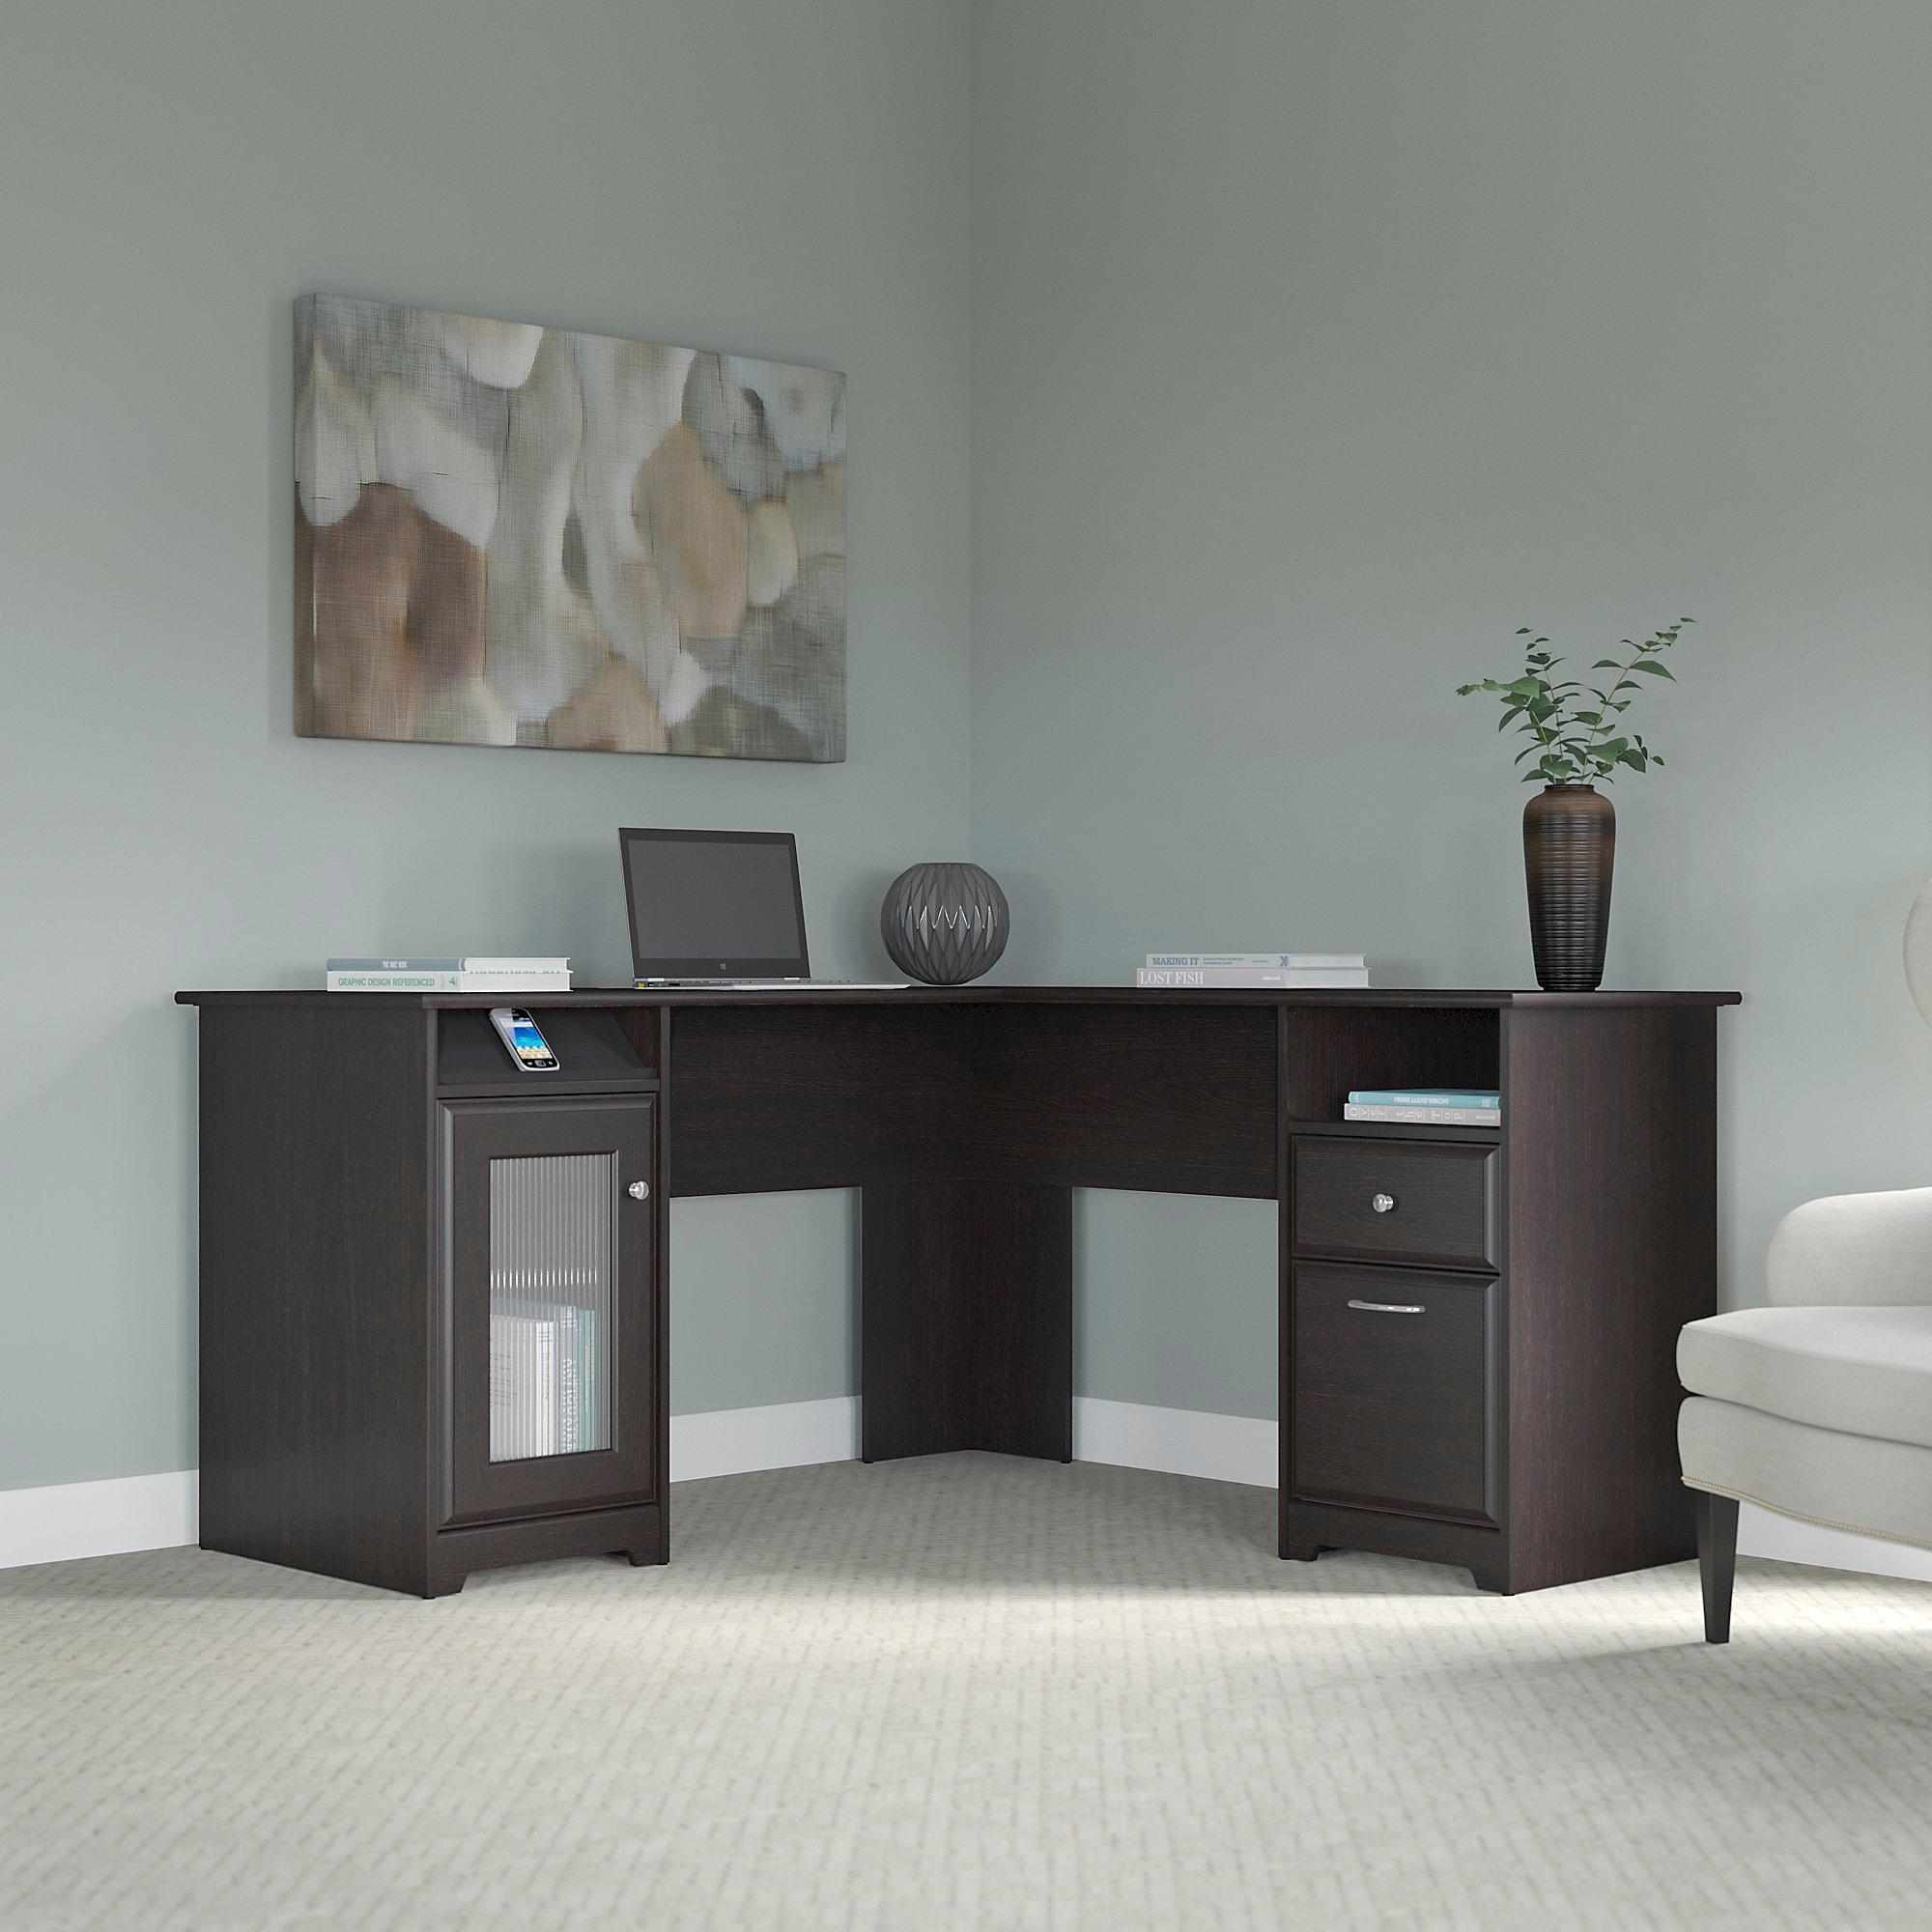 Details about new home office furniture l shaped desk luxury dark brown oak corner 4 usb port